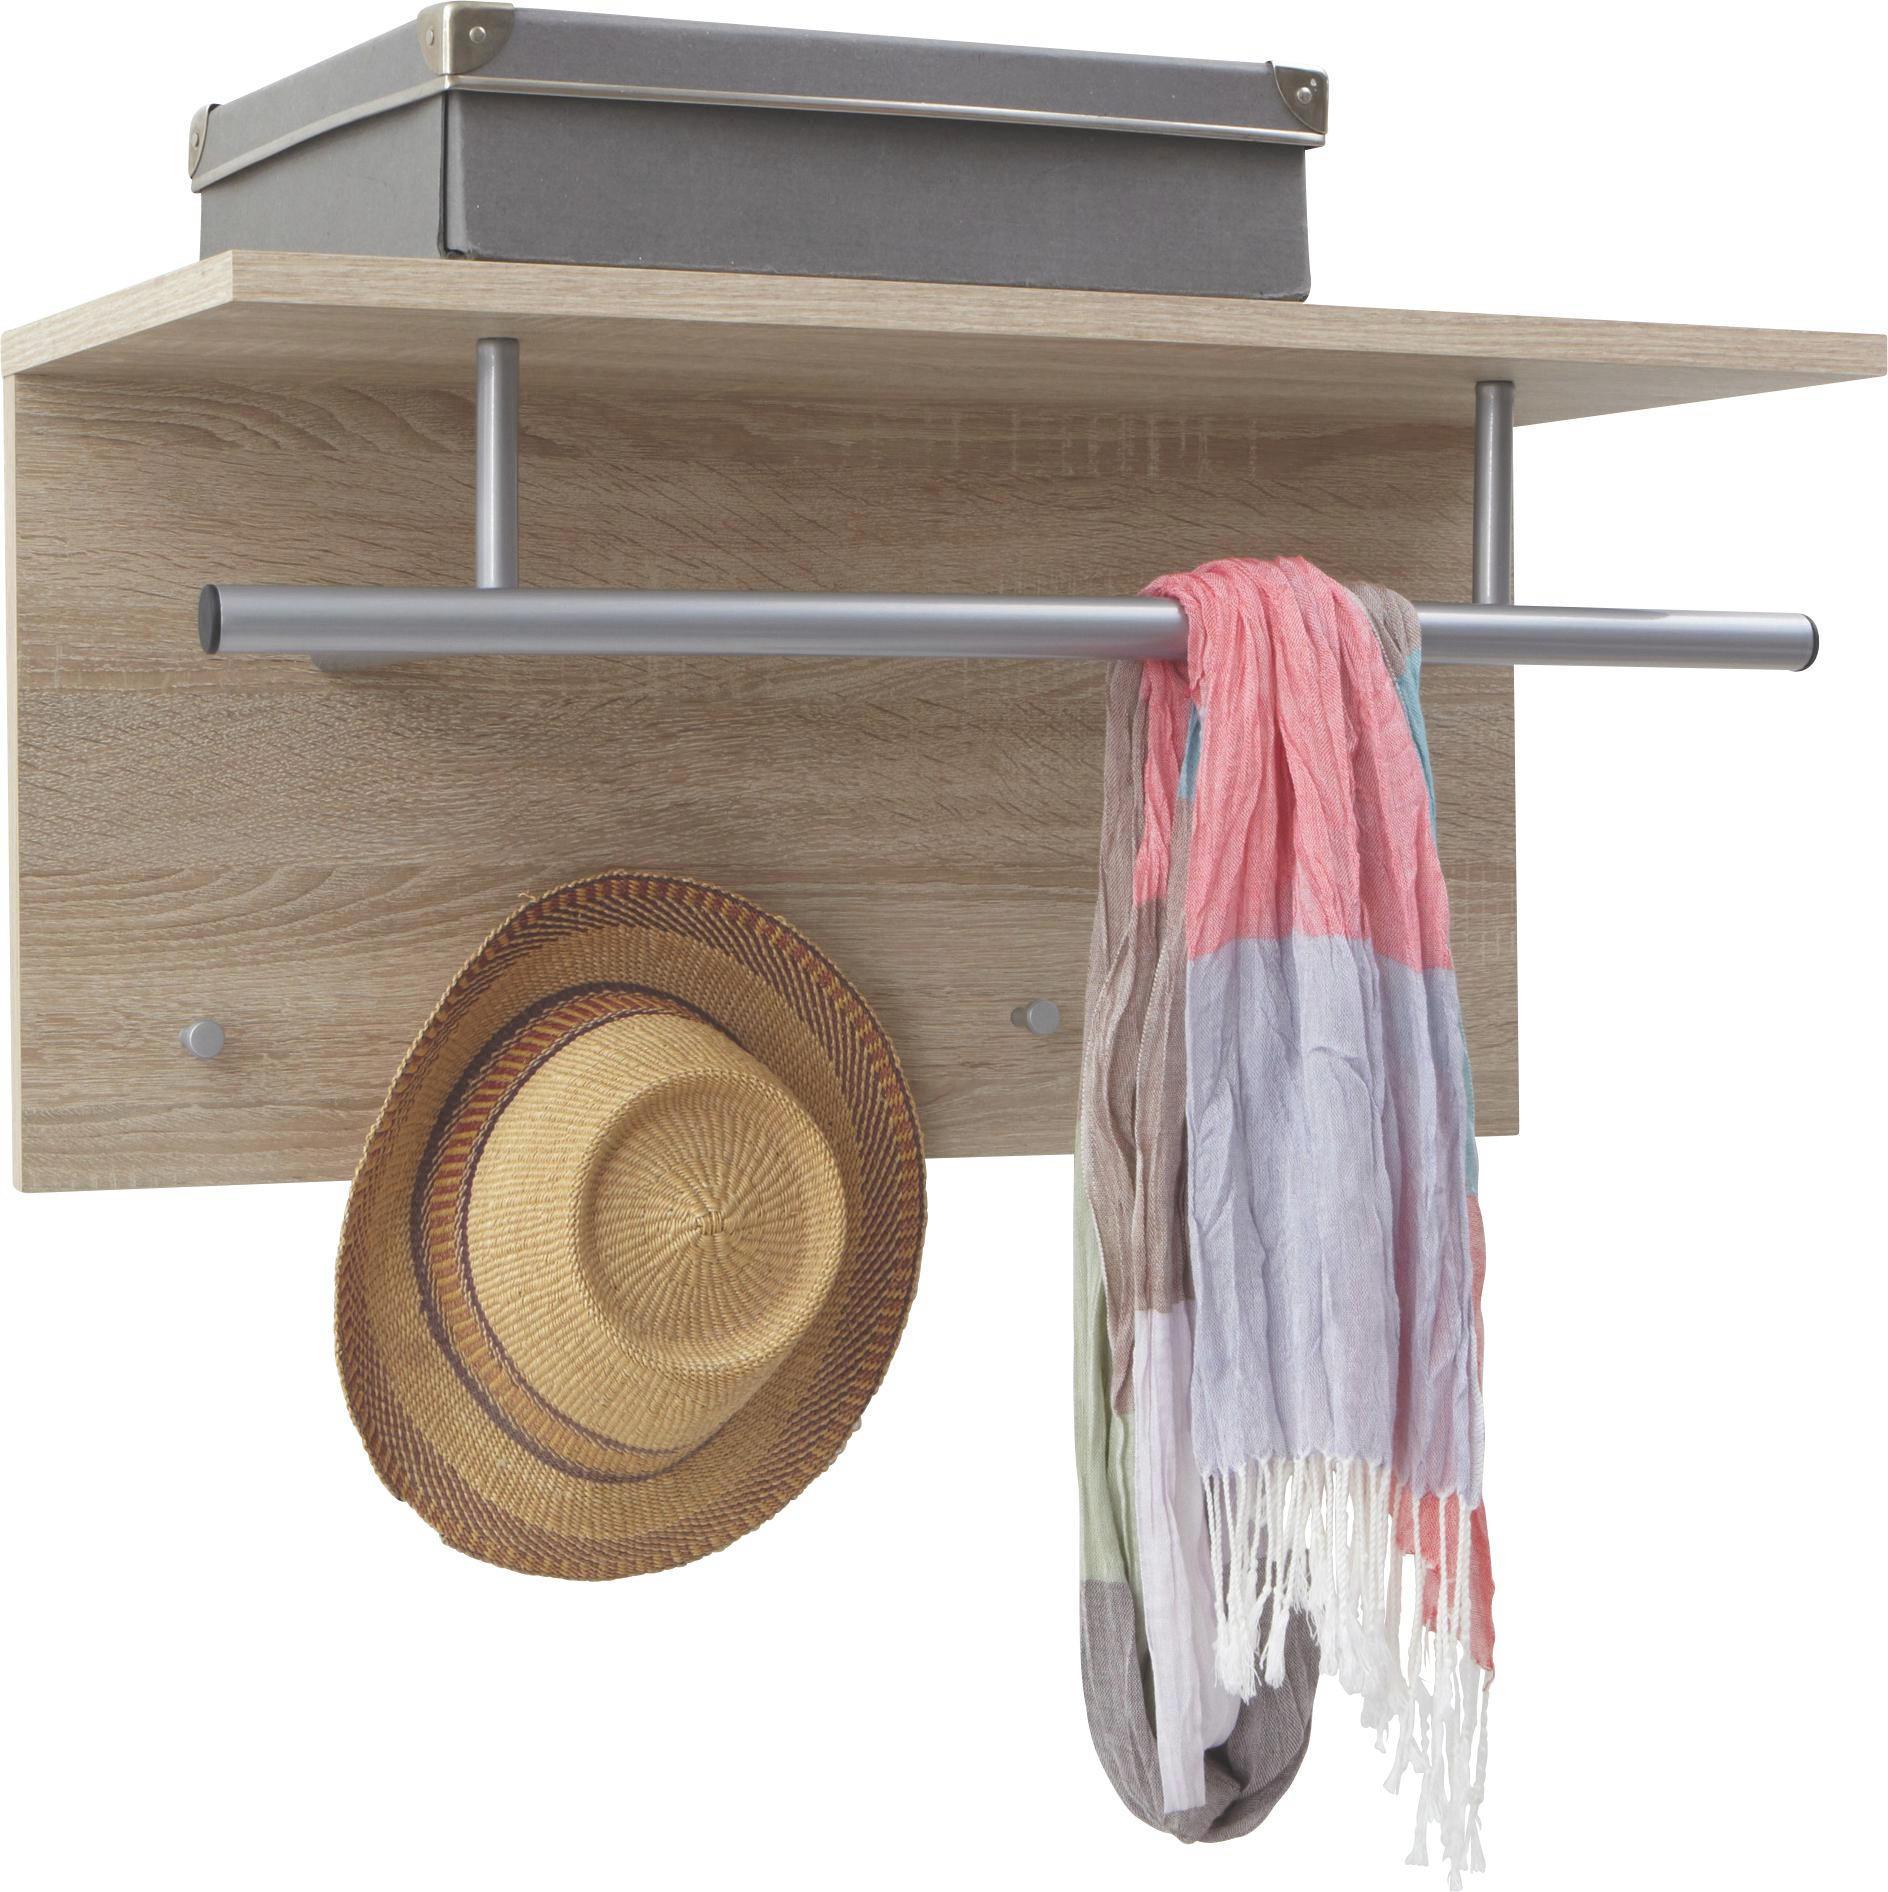 GARDEROBA ZIDNA - boje hrasta, Design, drvni materijal/drvo (72/35/29,5cm) - CARRYHOME